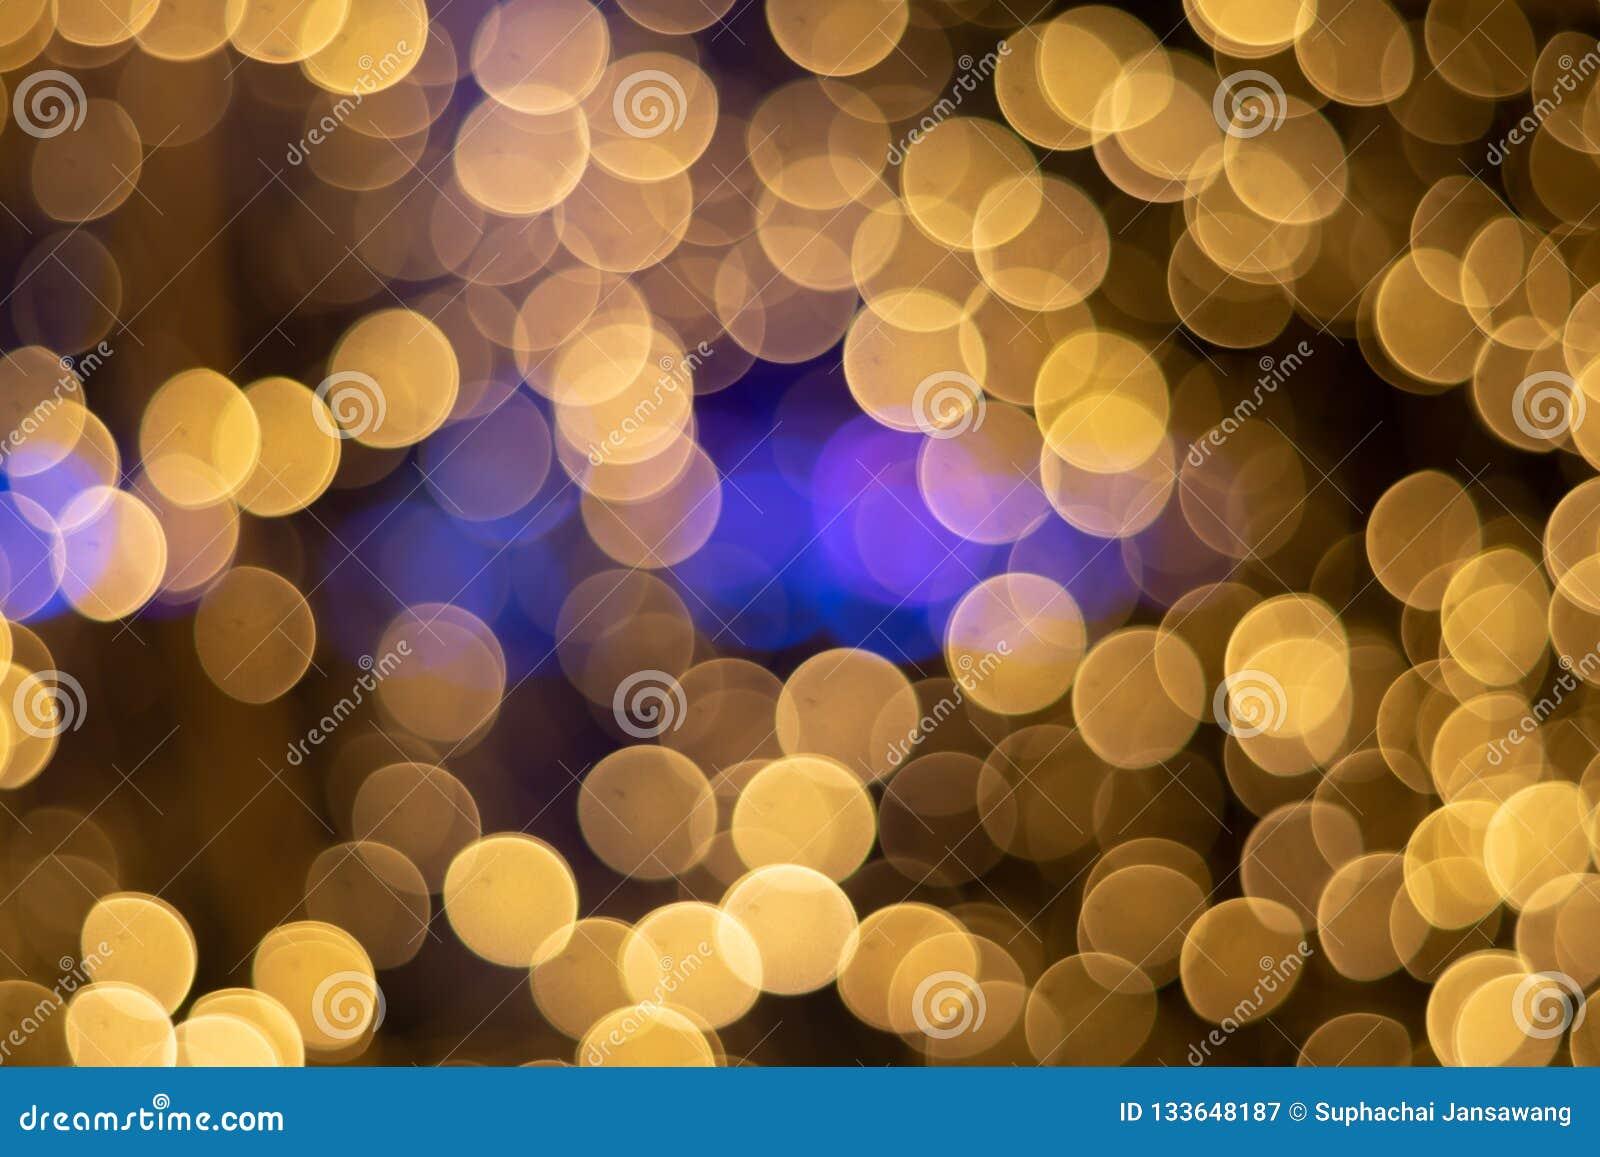 ฺChristmas Bokeh金光圈子背景 美好的光